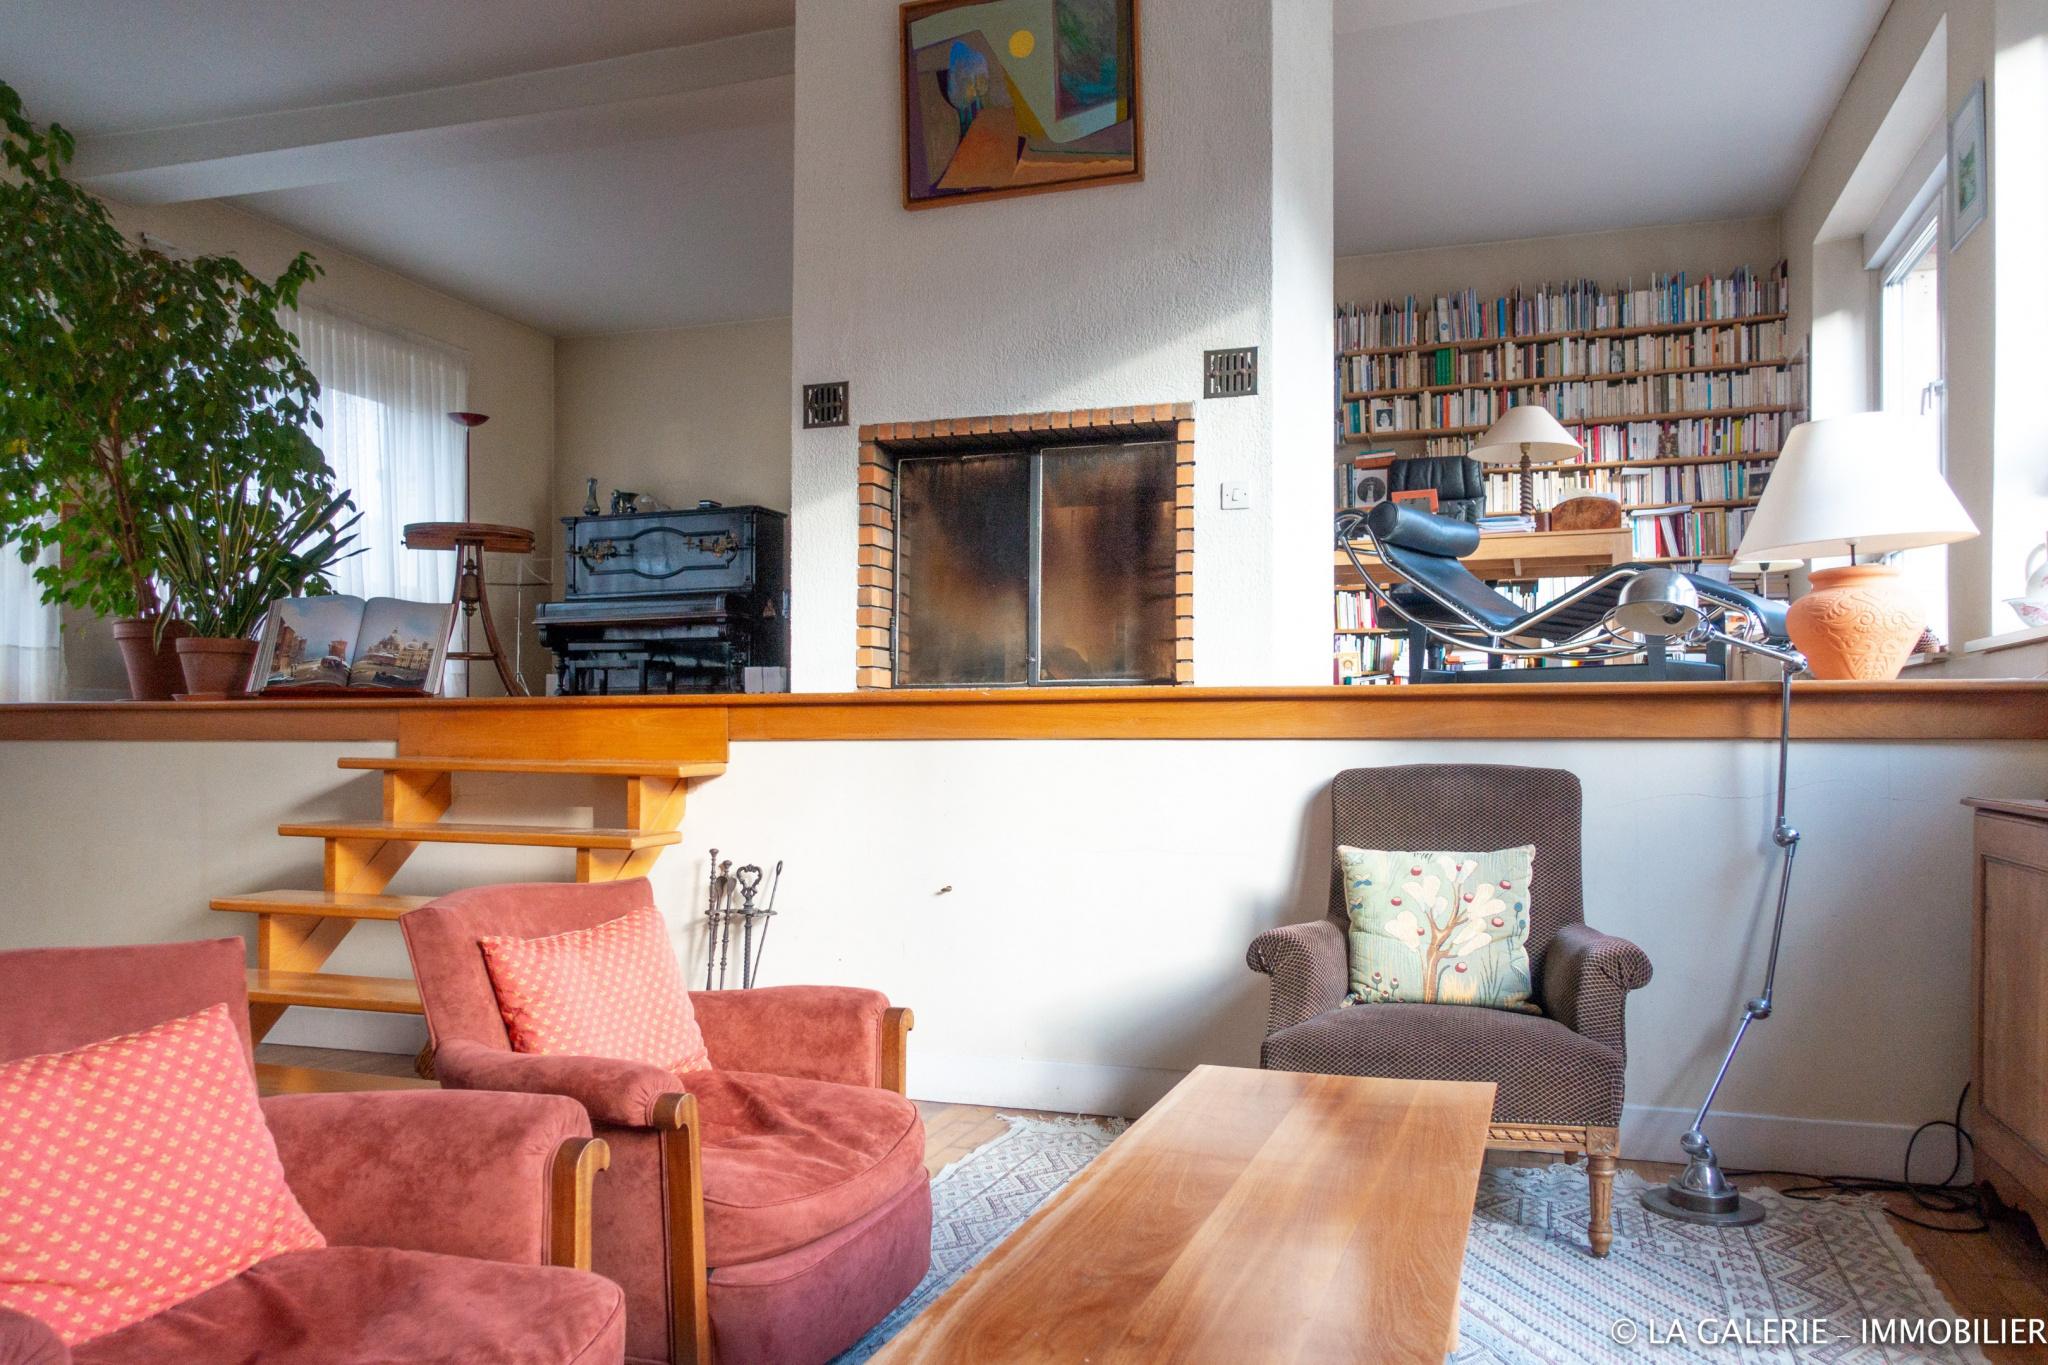 Vente nancy grande maison de ville avec 6 chambres - Maison jardin furniture nancy ...